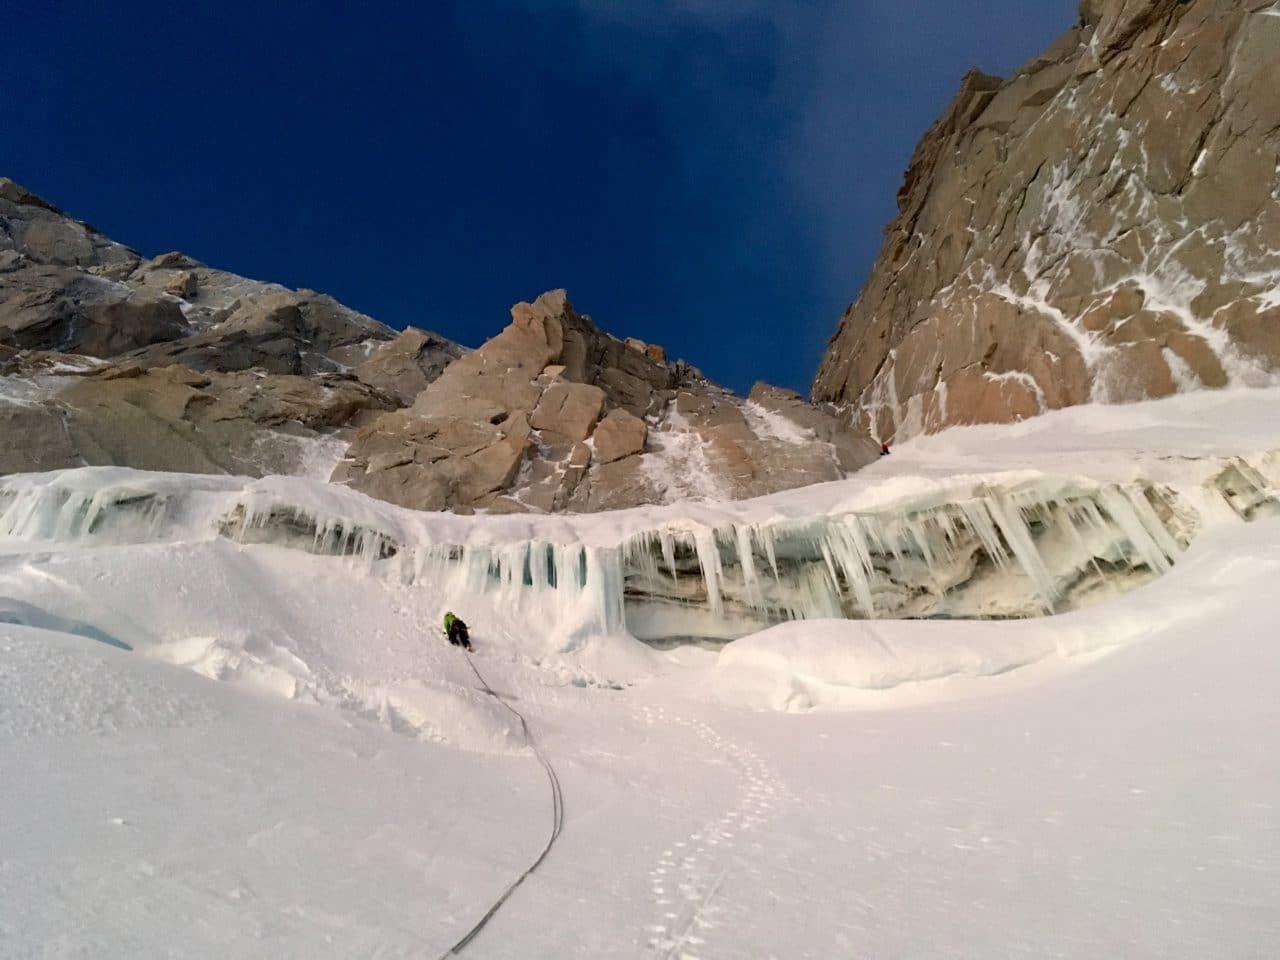 patagonie-argentine-voyage-helyum-yann-nussbaumer-5